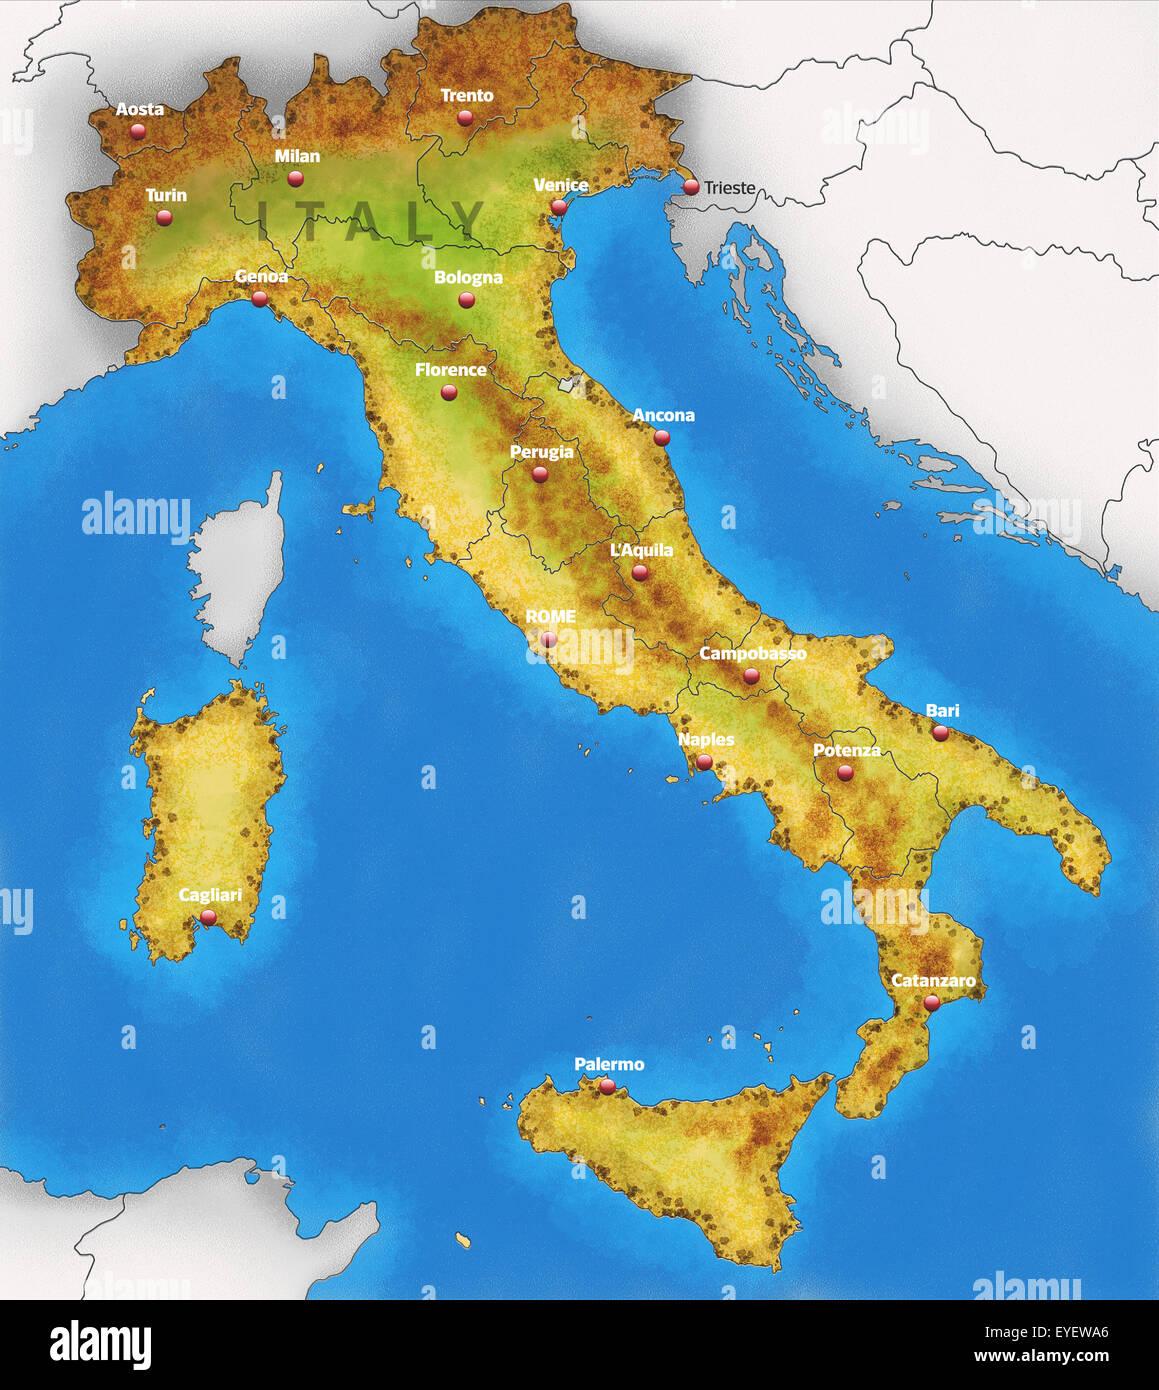 Cartina Dell Italia Fisica.Cartina Fisica Dell Italia Illustrazione Foto Stock Alamy